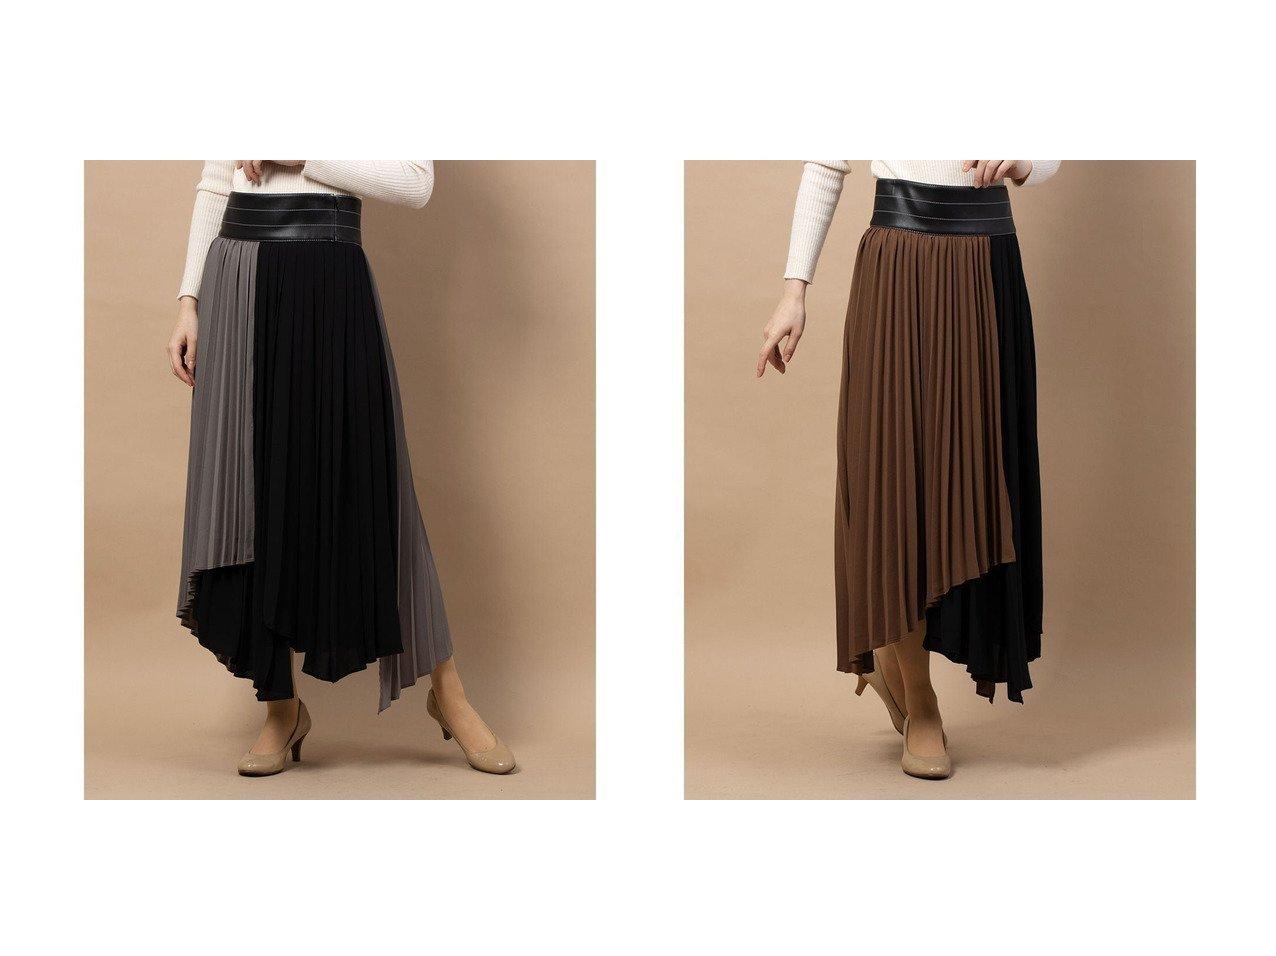 【FRAY I.D/フレイ アイディー】のプリーツバイカラースカート スカートのおすすめ!人気、レディースファッションの通販 おすすめで人気のファッション通販商品 インテリア・家具・キッズファッション・メンズファッション・レディースファッション・服の通販 founy(ファニー) https://founy.com/ ファッション Fashion レディース WOMEN スカート Skirt プリーツ  ID:crp329100000003038